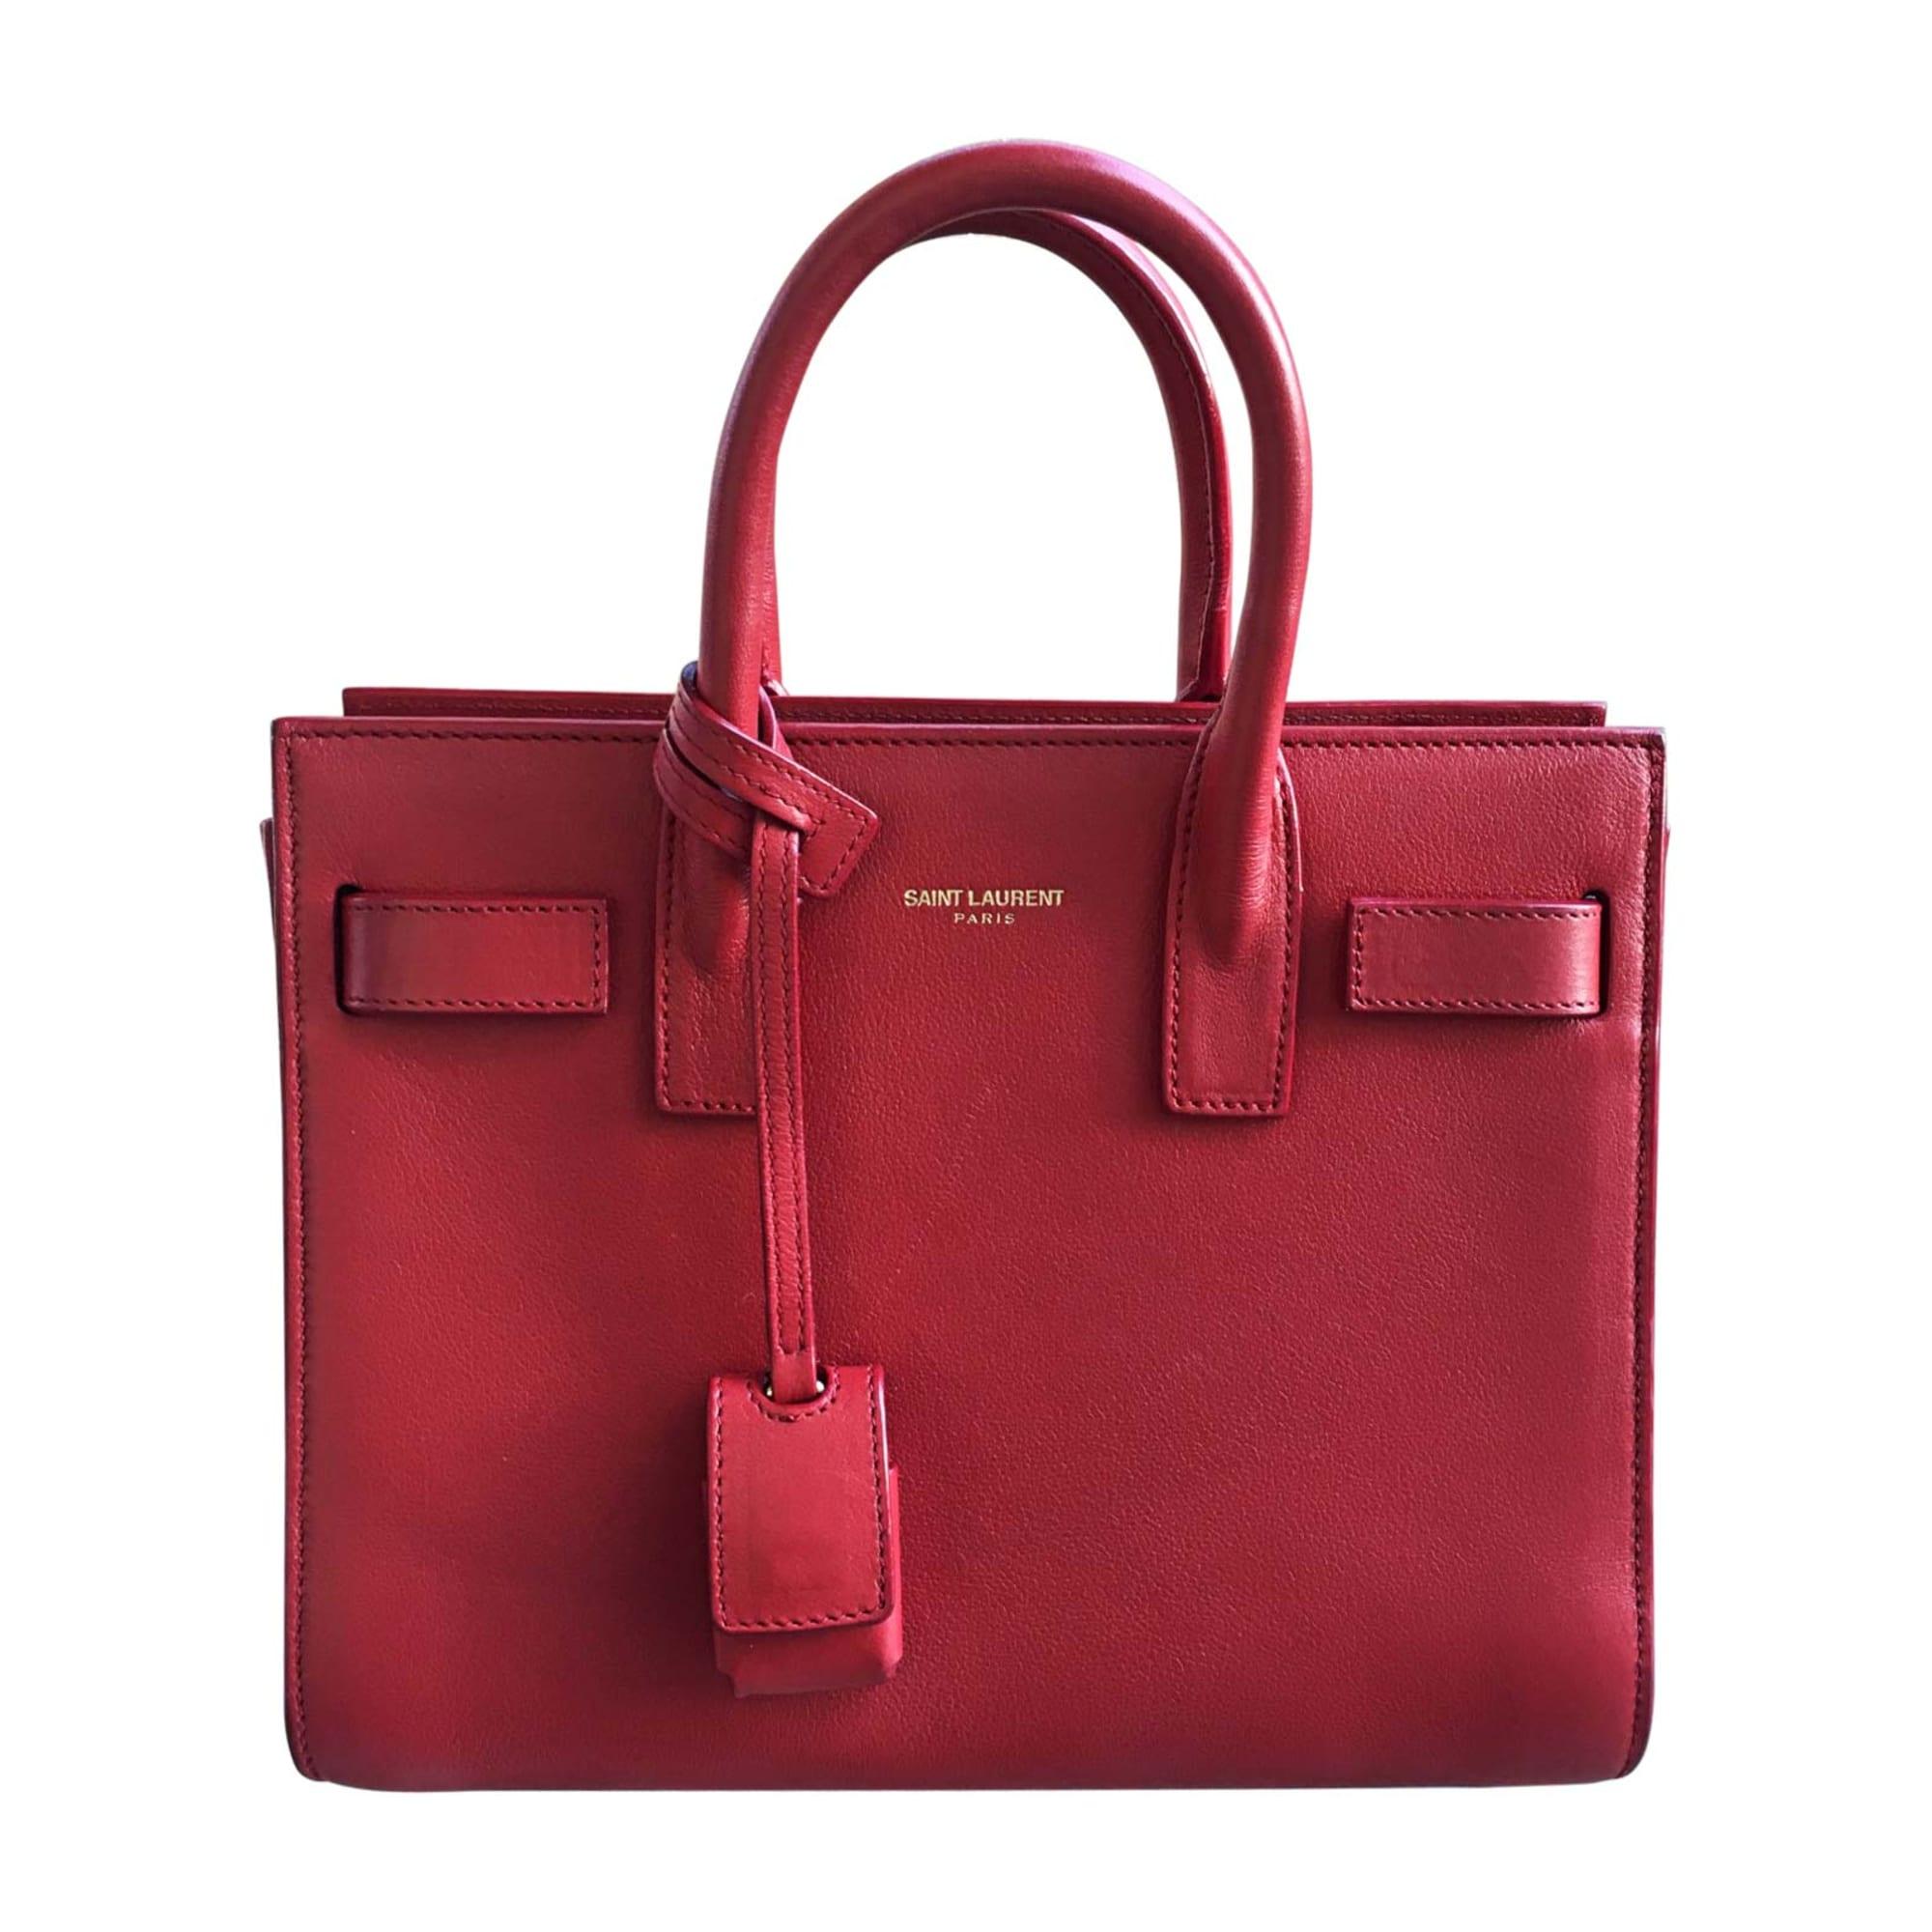 c01603573e Sac en bandoulière en cuir SAINT LAURENT sac de jour rouge vendu par ...